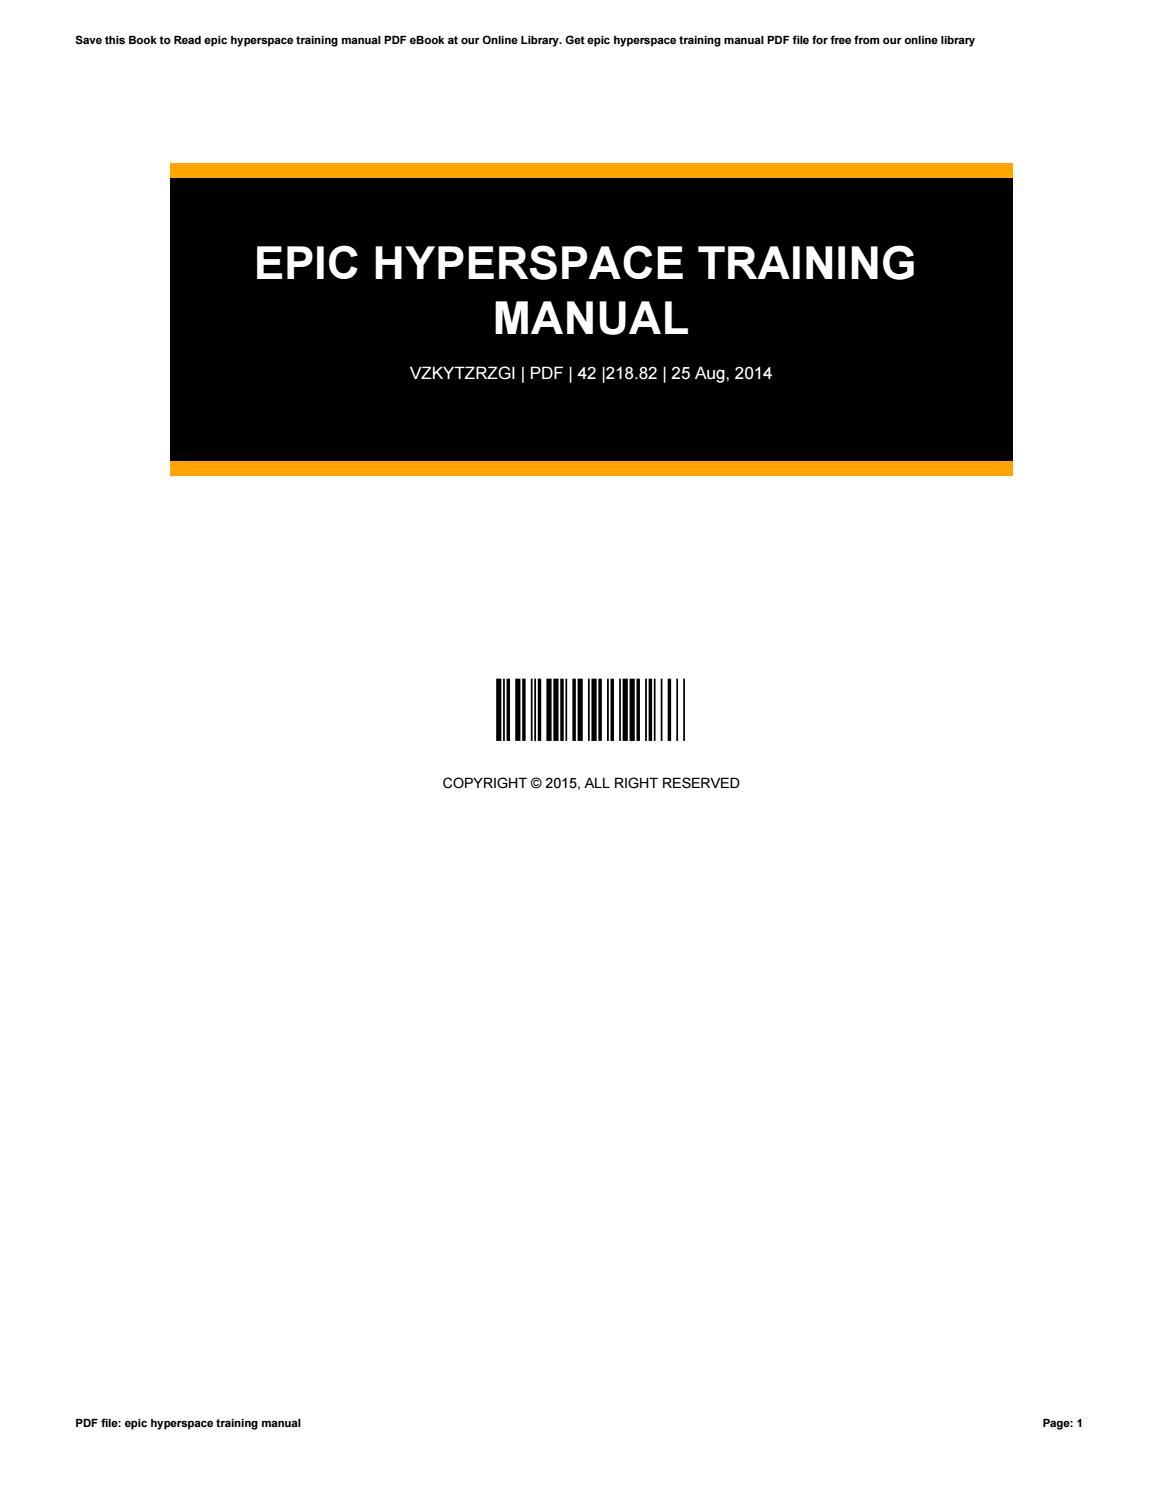 Epic Hyperspace Training Manual By Kaniya29putri Manual Guide